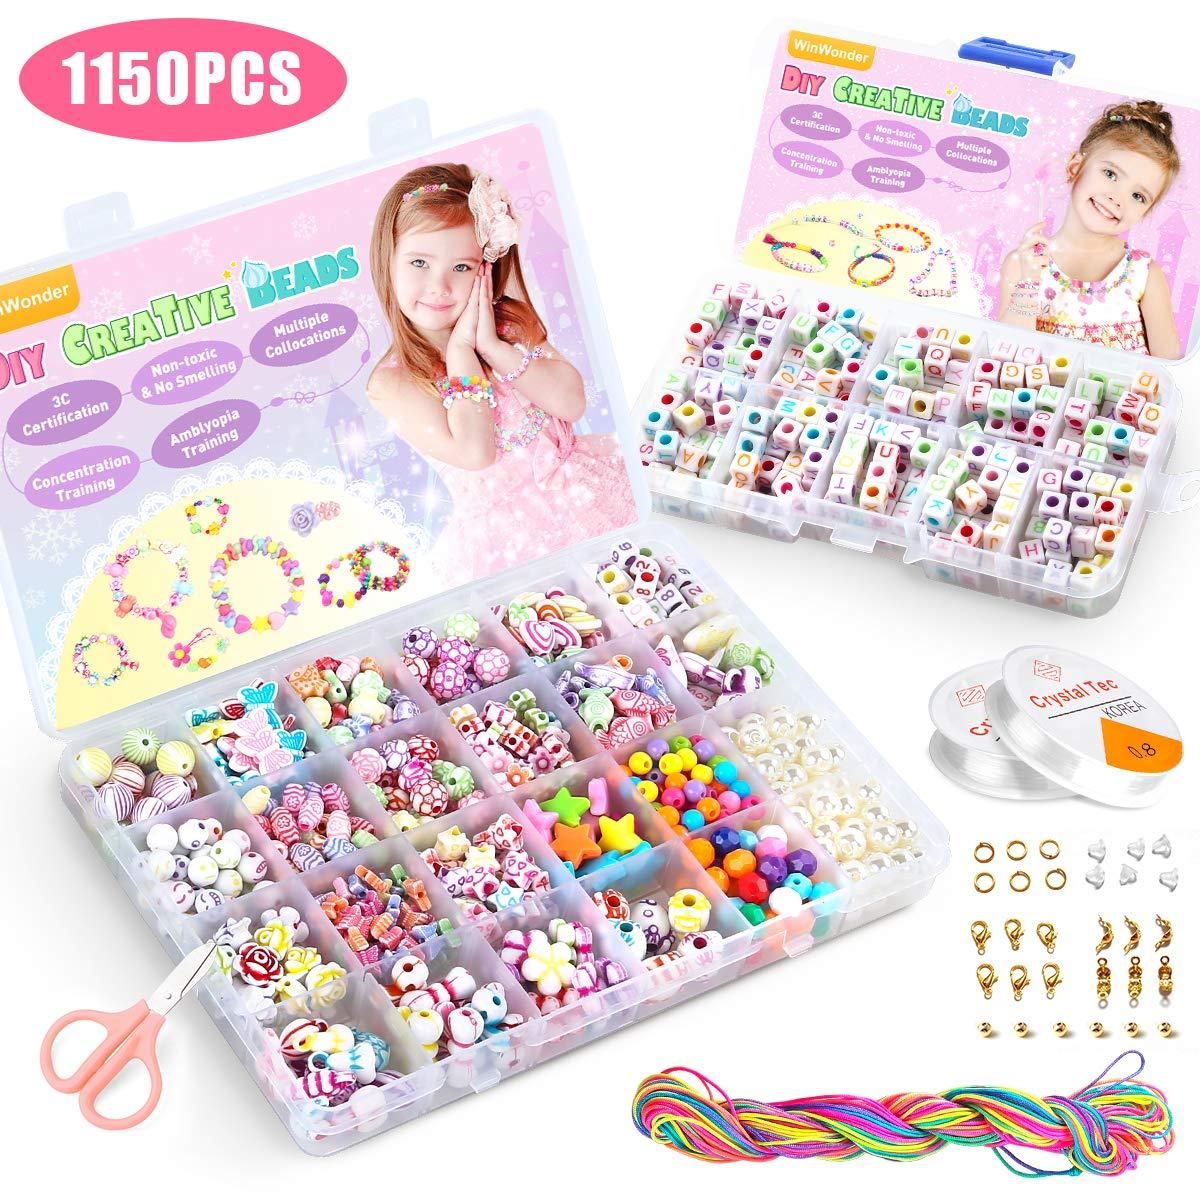 WinWonder Niños Bricolaje Conjunto de Cuentas,1150 PCS Pulseras Collares de Joyas para Niñas Cuentas para la Fabricación de Joyas